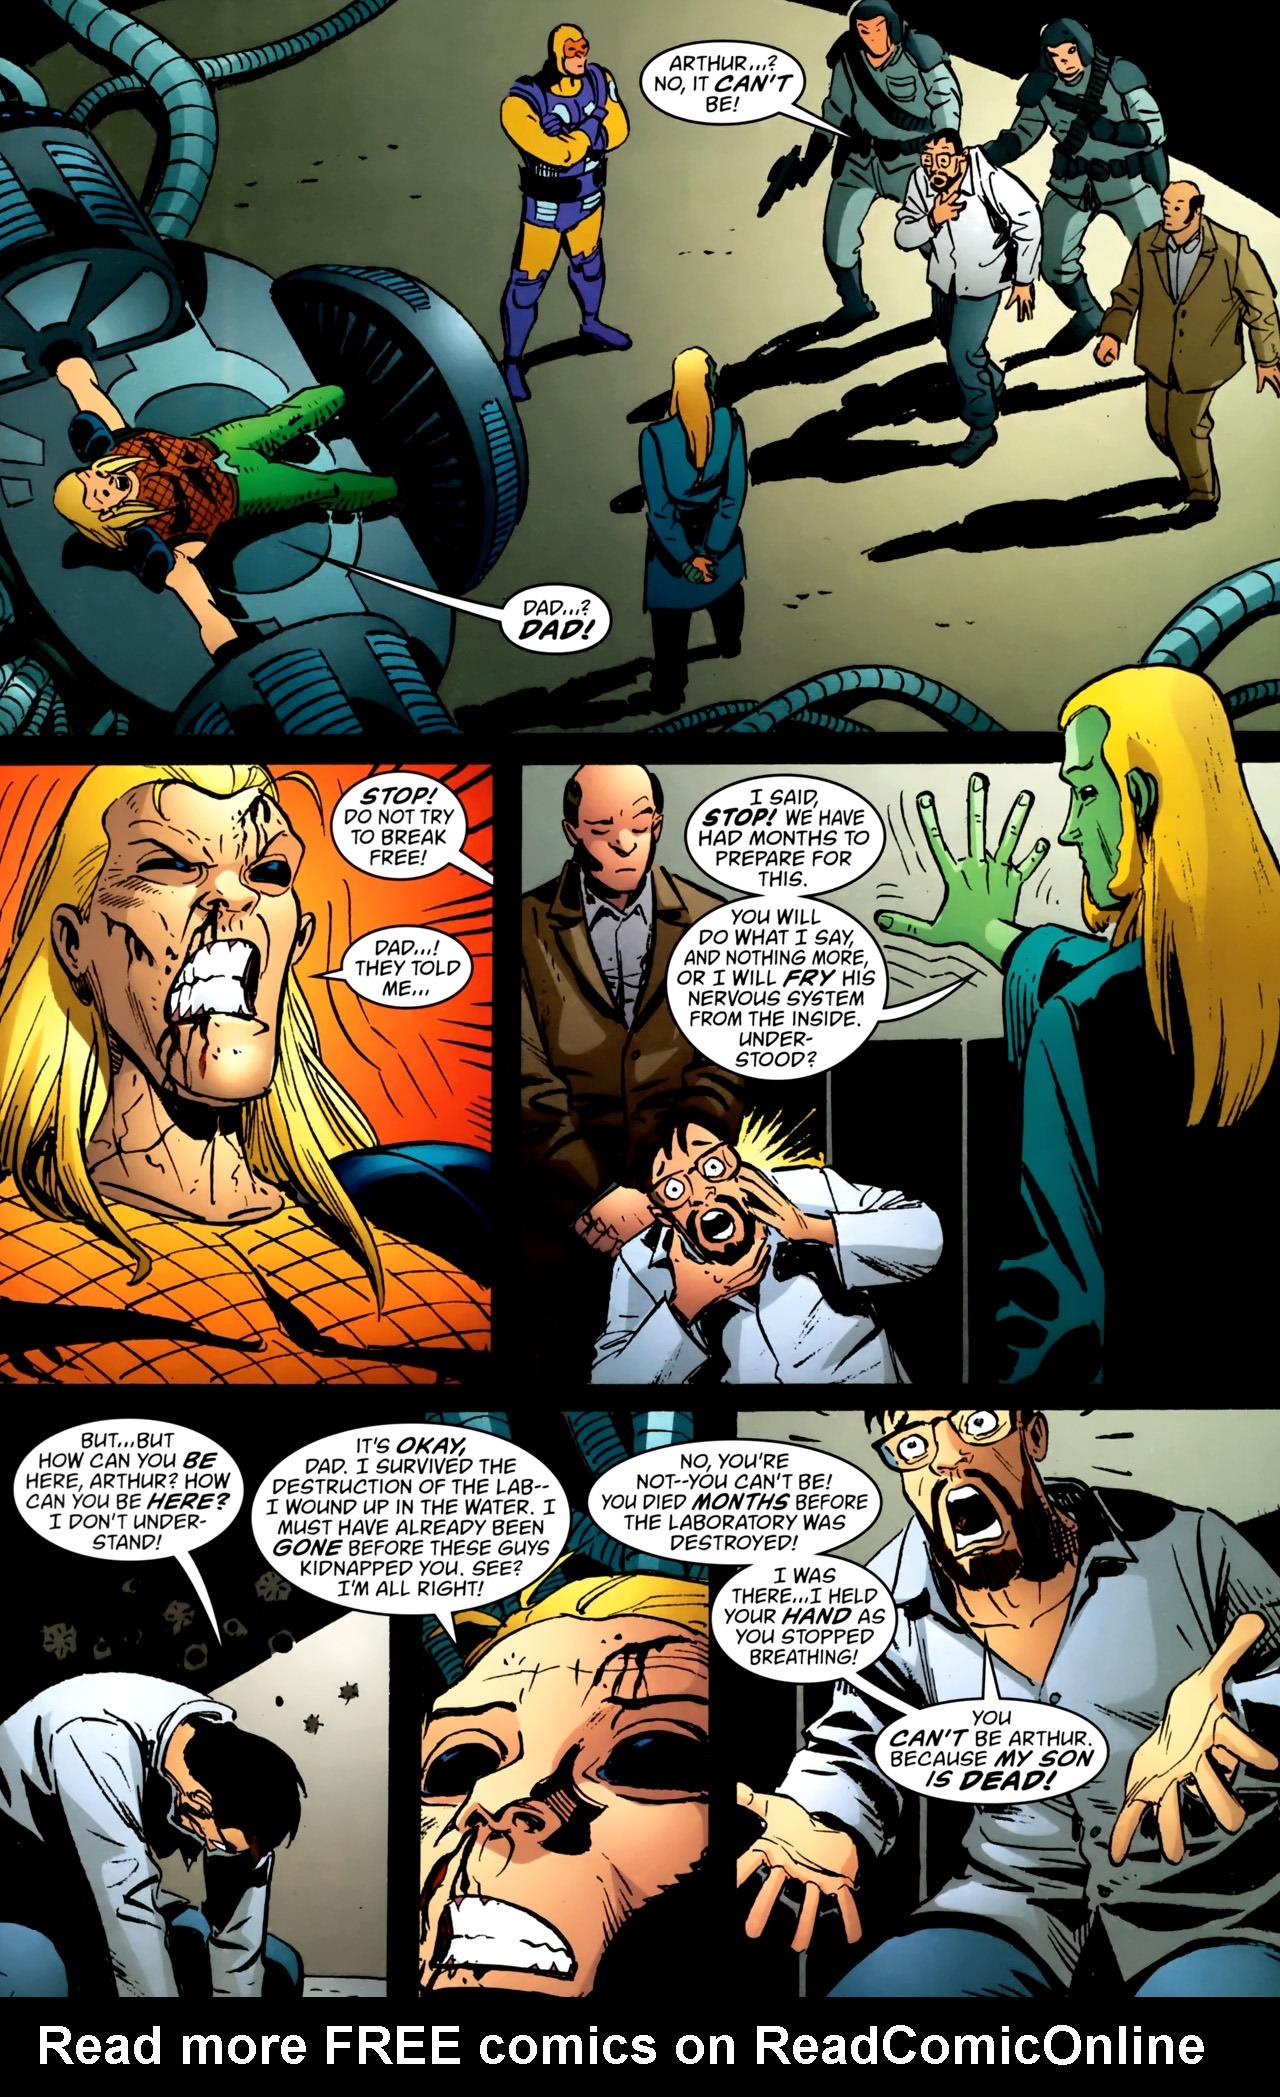 Read online Aquaman: Sword of Atlantis comic -  Issue #54 - 20